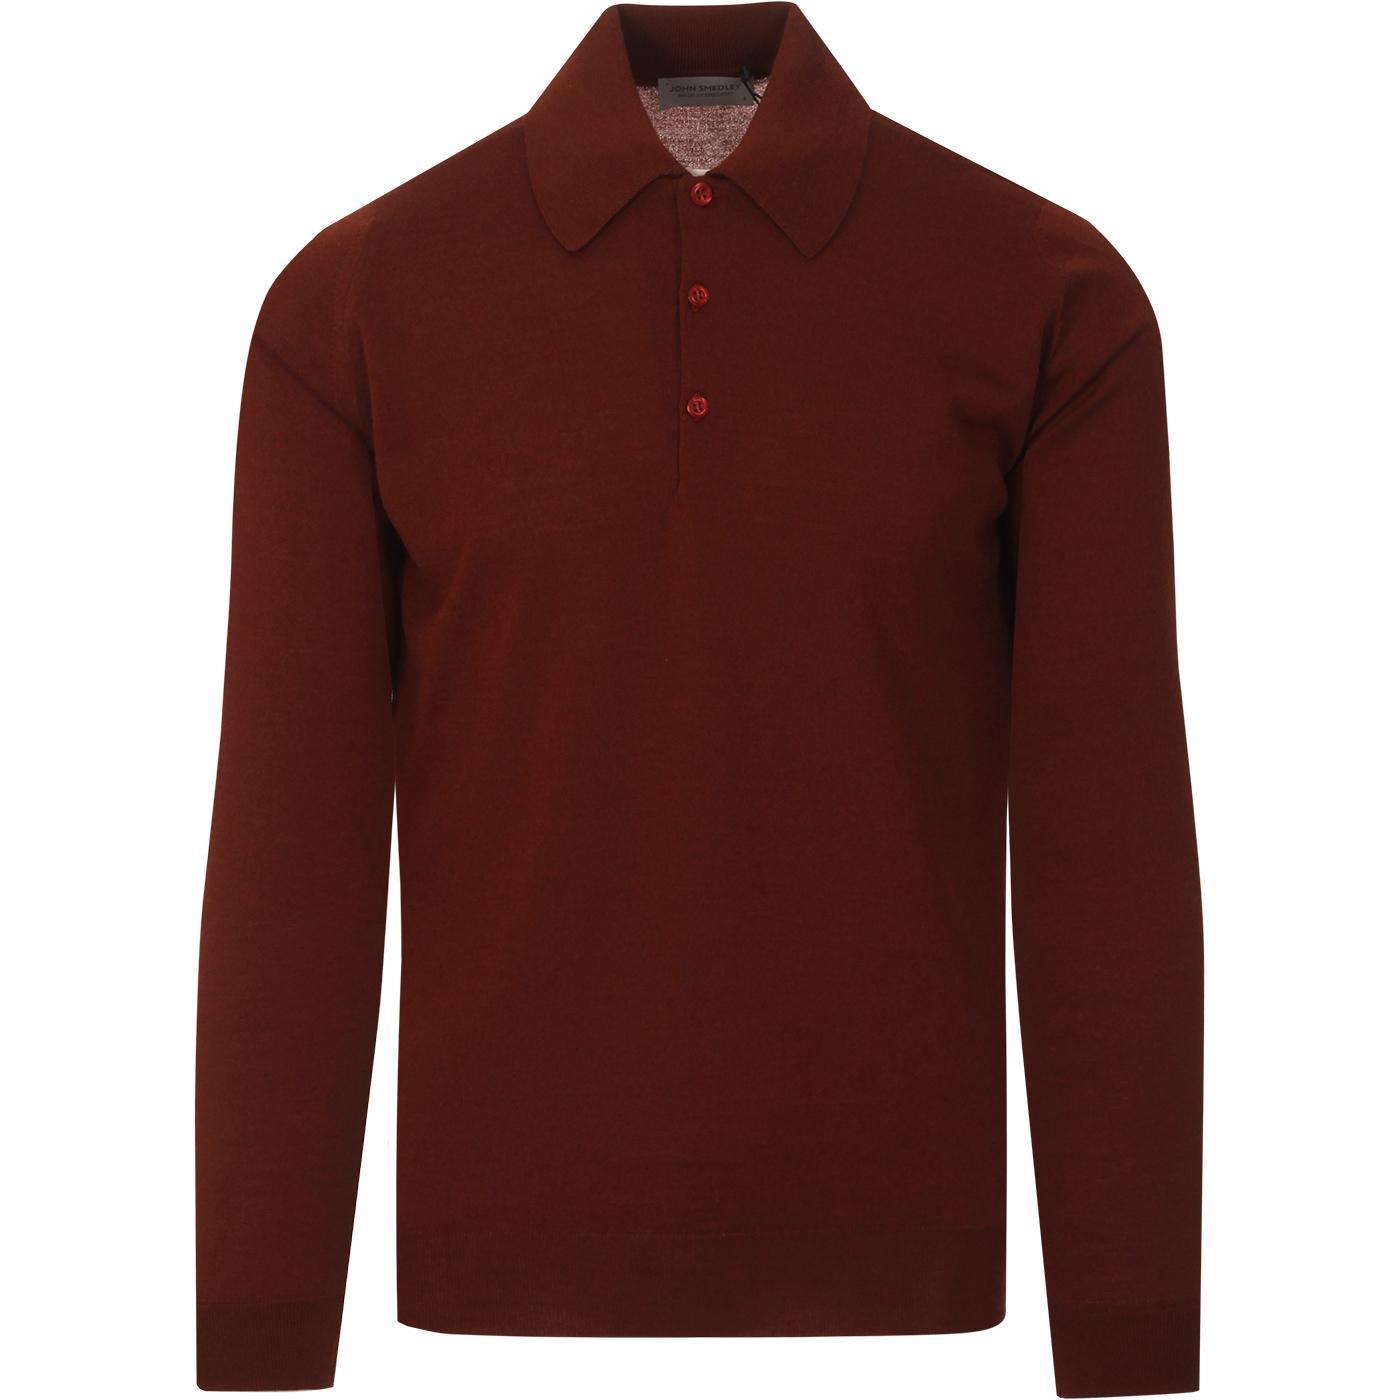 CDorset JOHN SMEDLEY Made in England Mod Polo (P)